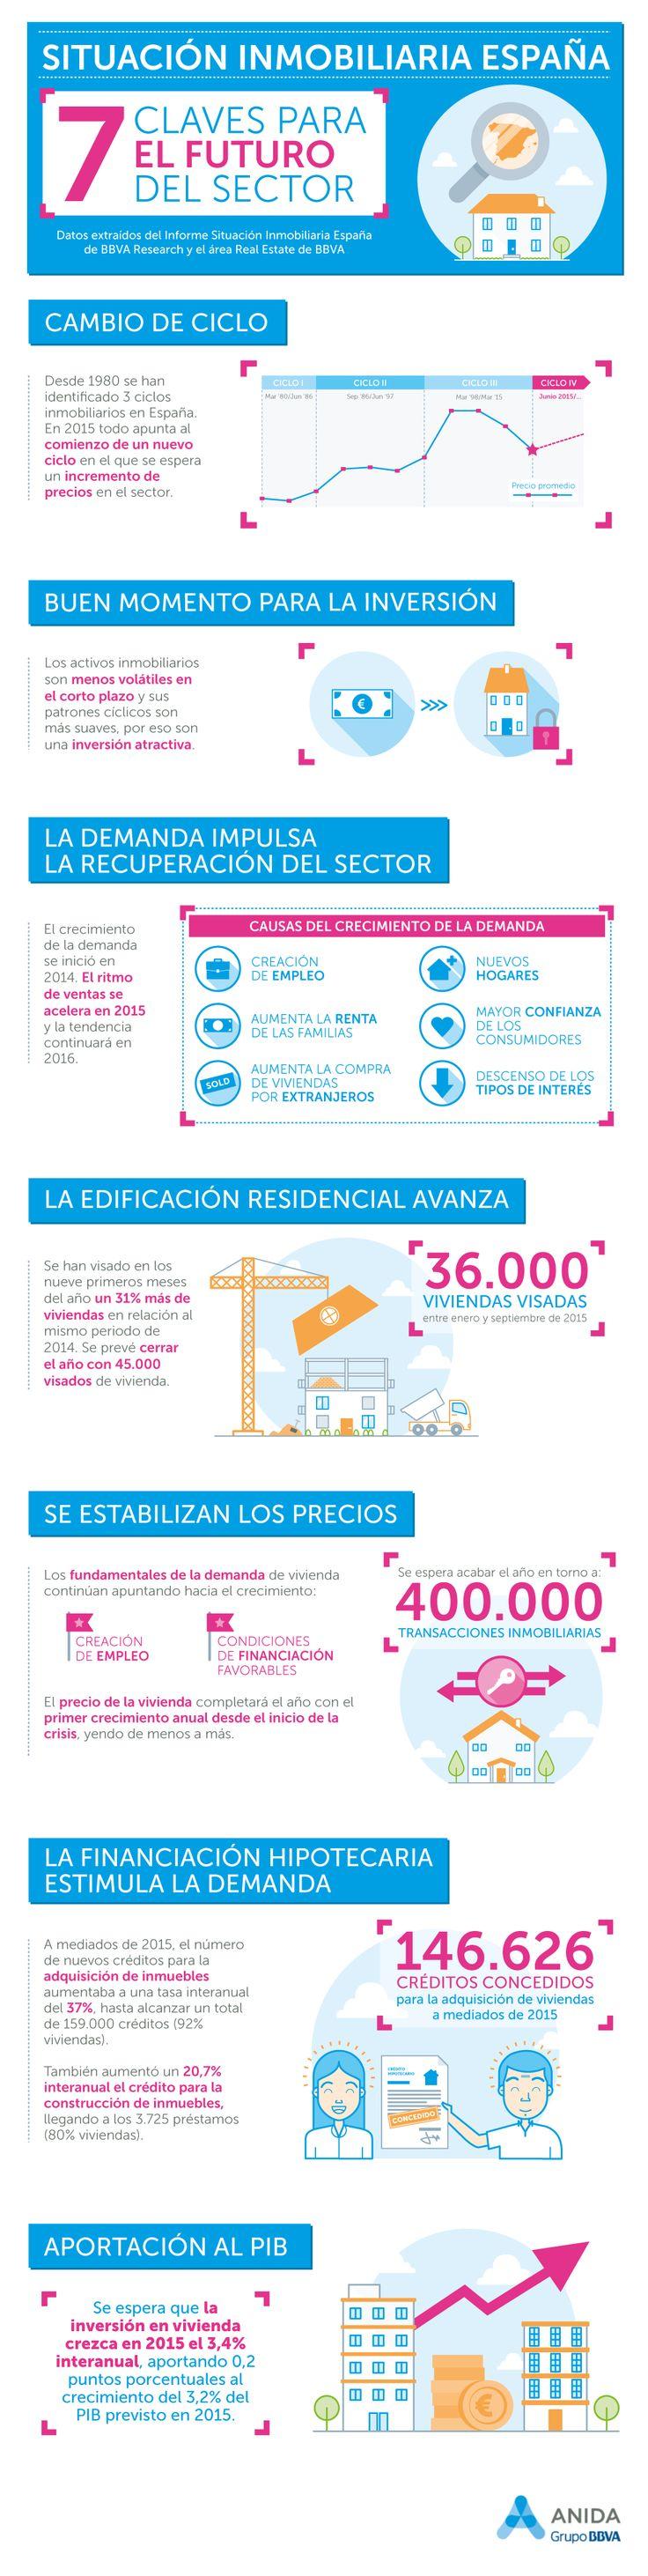 #BBVA Research y el área #RealEstate de BBVA presentan el informe Situación Inmobiliaria España, una publicación que, con carácter cuatrimestral, analizará con todo detalle la evolución del mercado inmobiliario en España. Pincha sobre la imagen para ver más detalles y solicitar el informe completo.